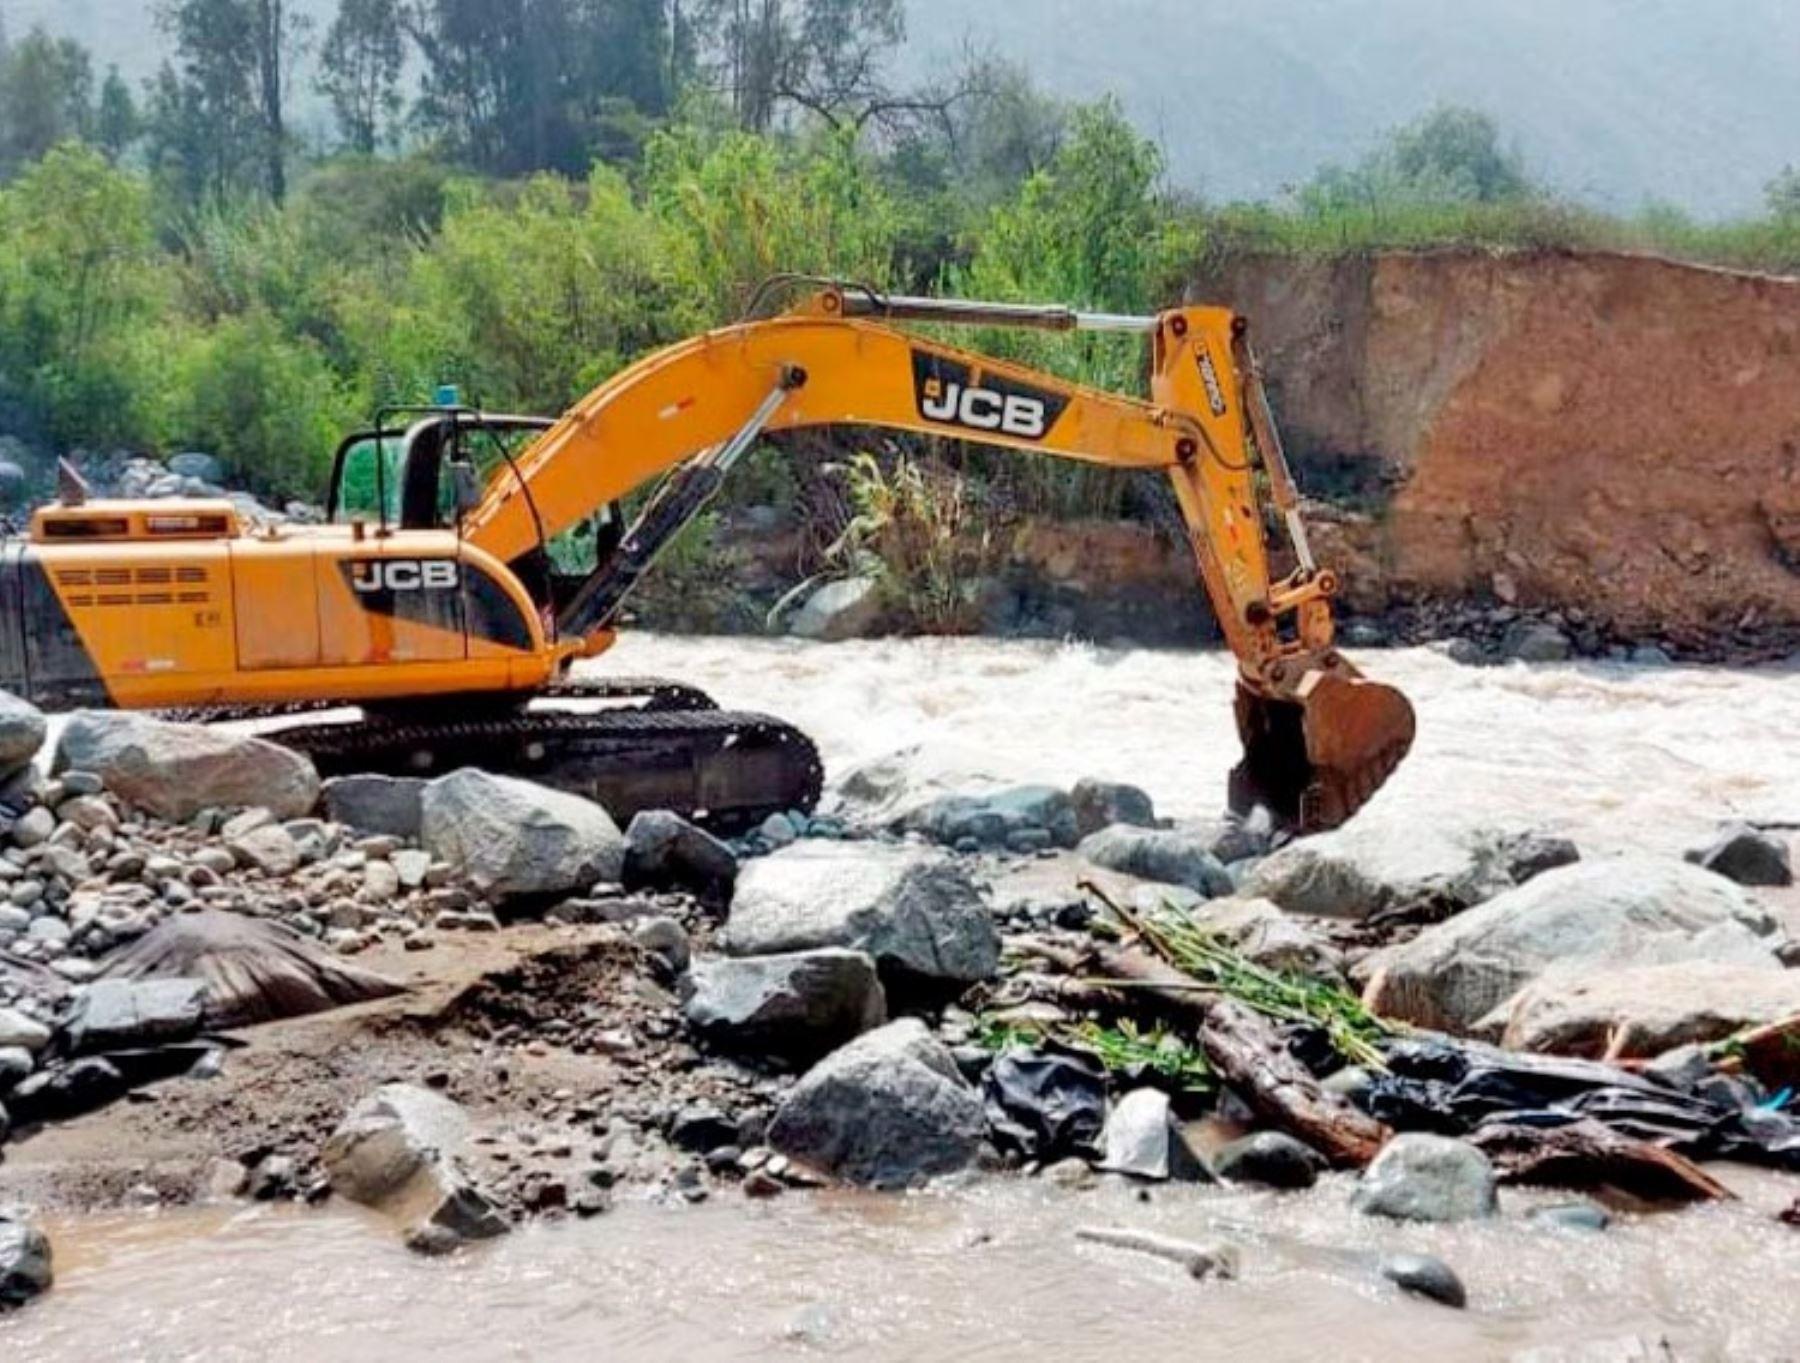 Región Lima desplaza maquinaria pesada para atender emergencias causadas por lluvias intensas que se presentan en las zonas altoandinas.